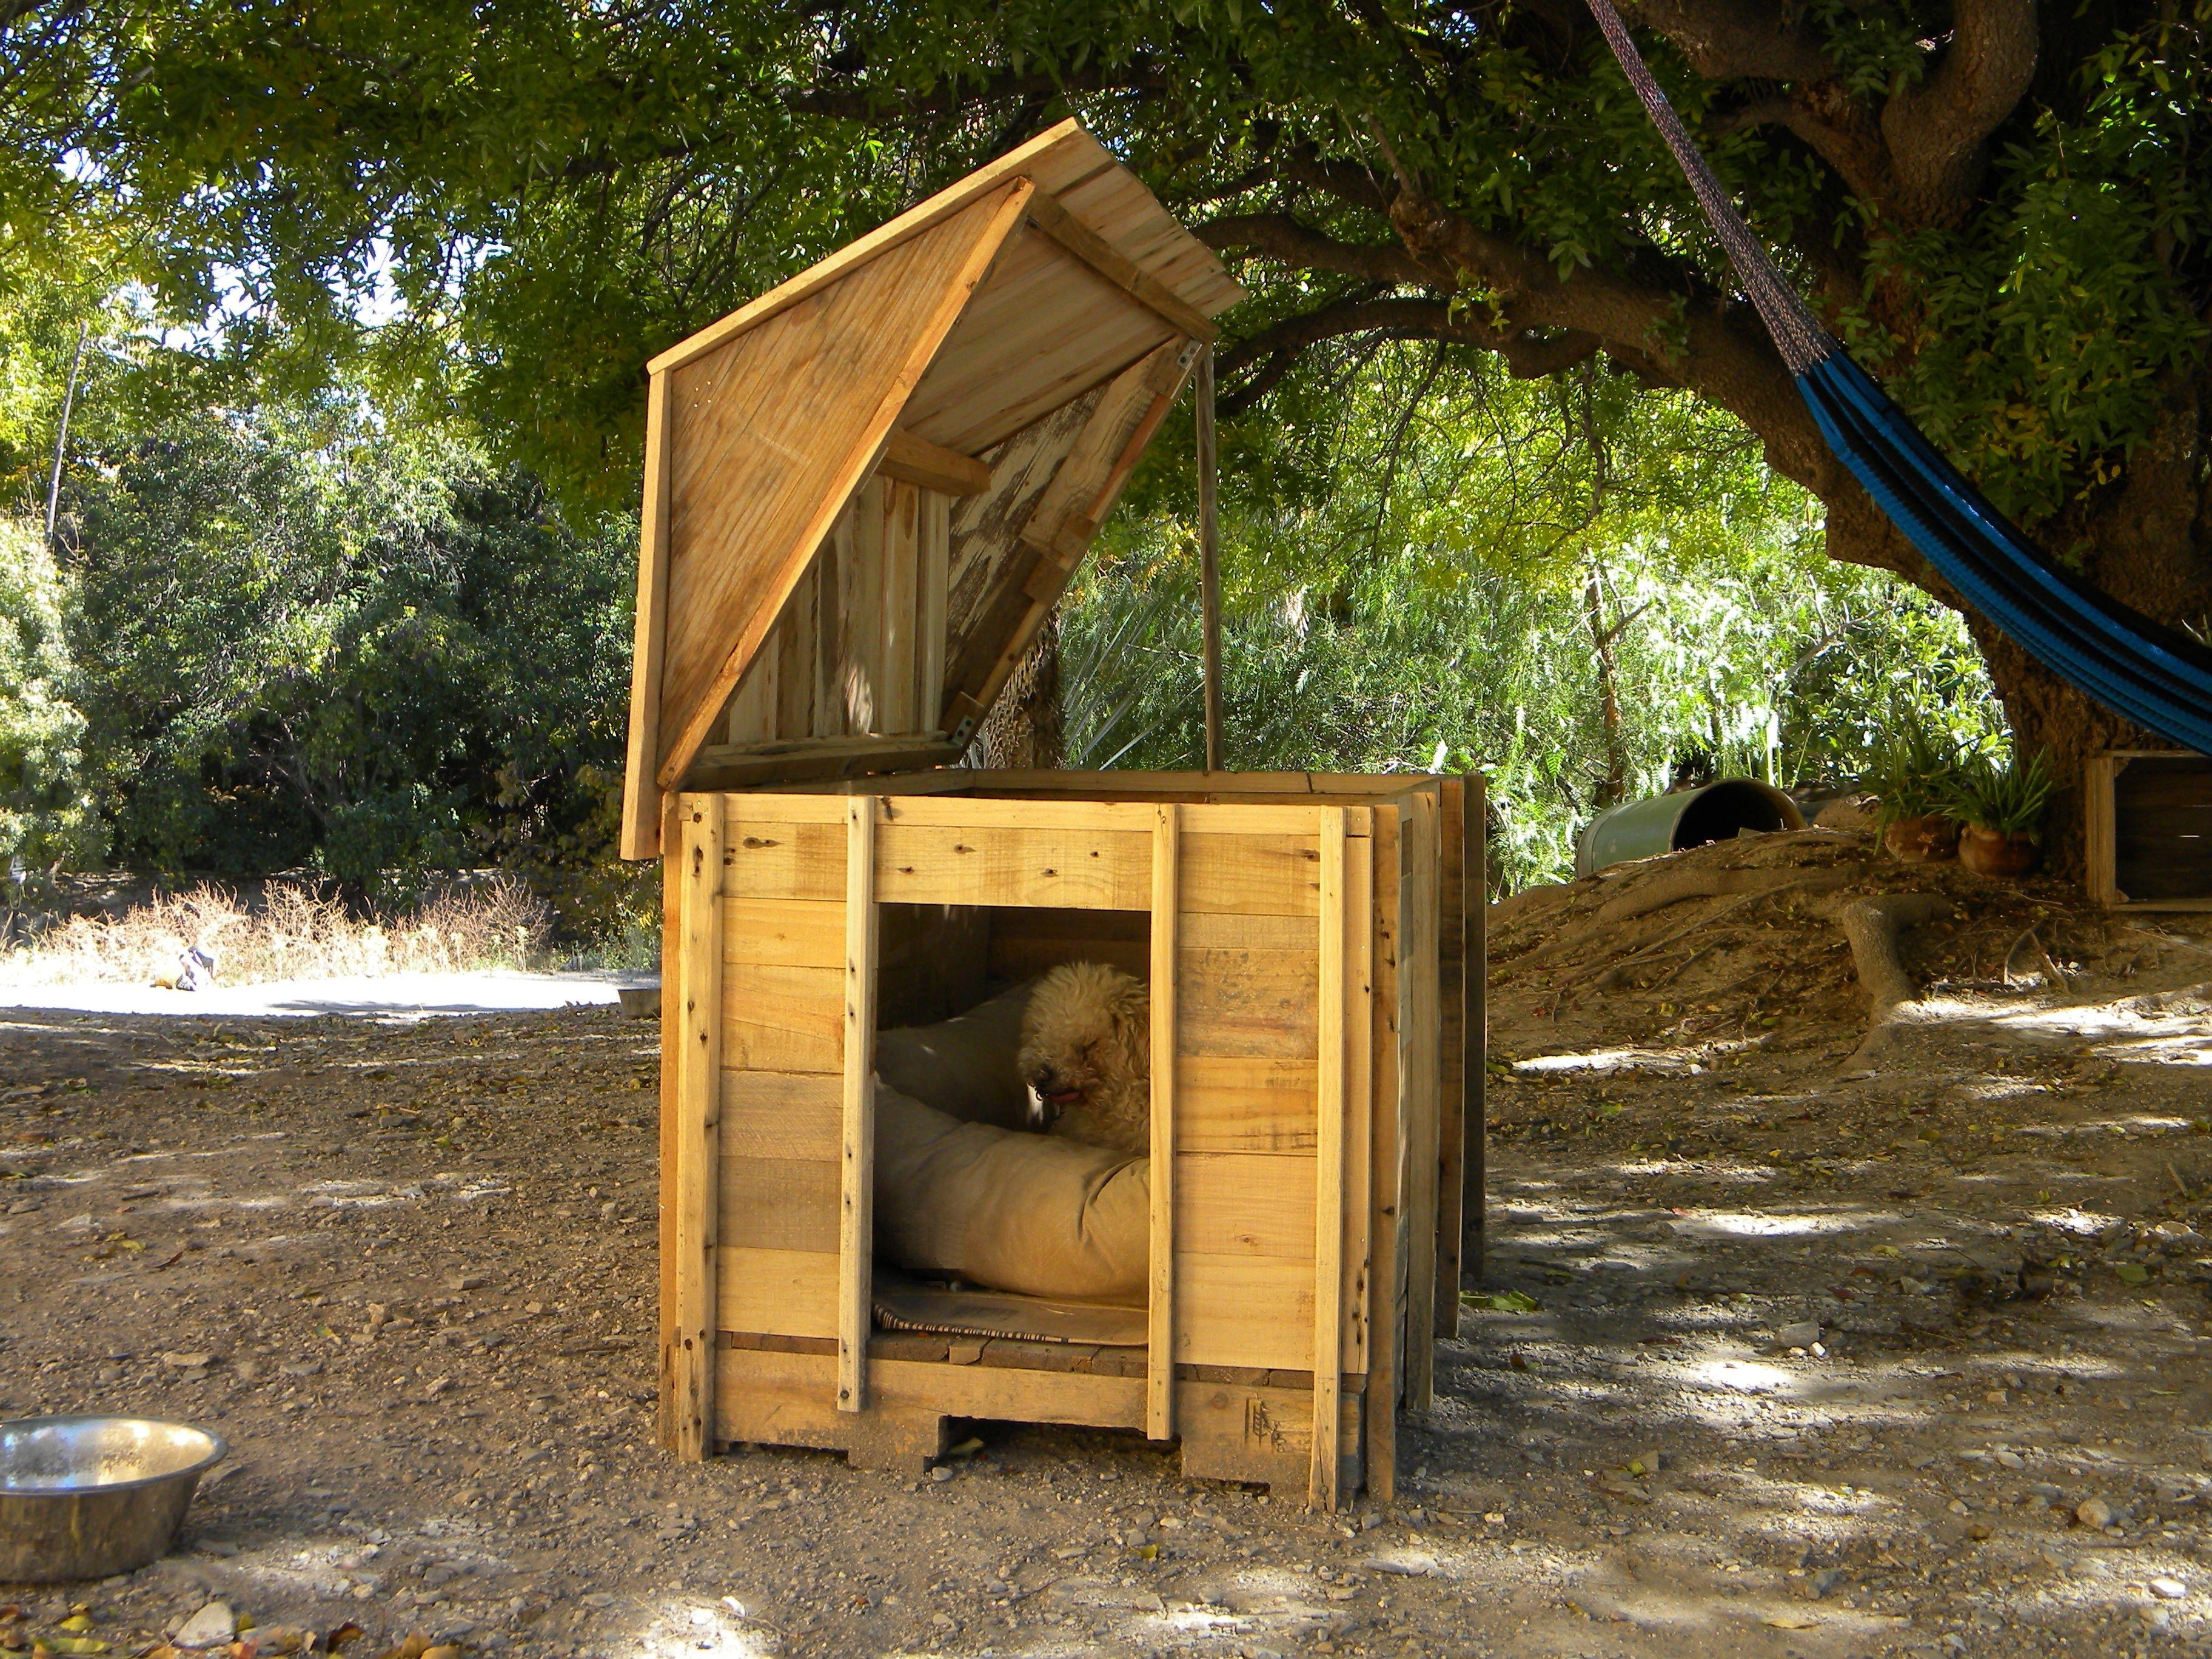 Casa para perro 100 reciclada de pallets con techo abatible para limpiarla facilmente - Casa de perro con palets ...